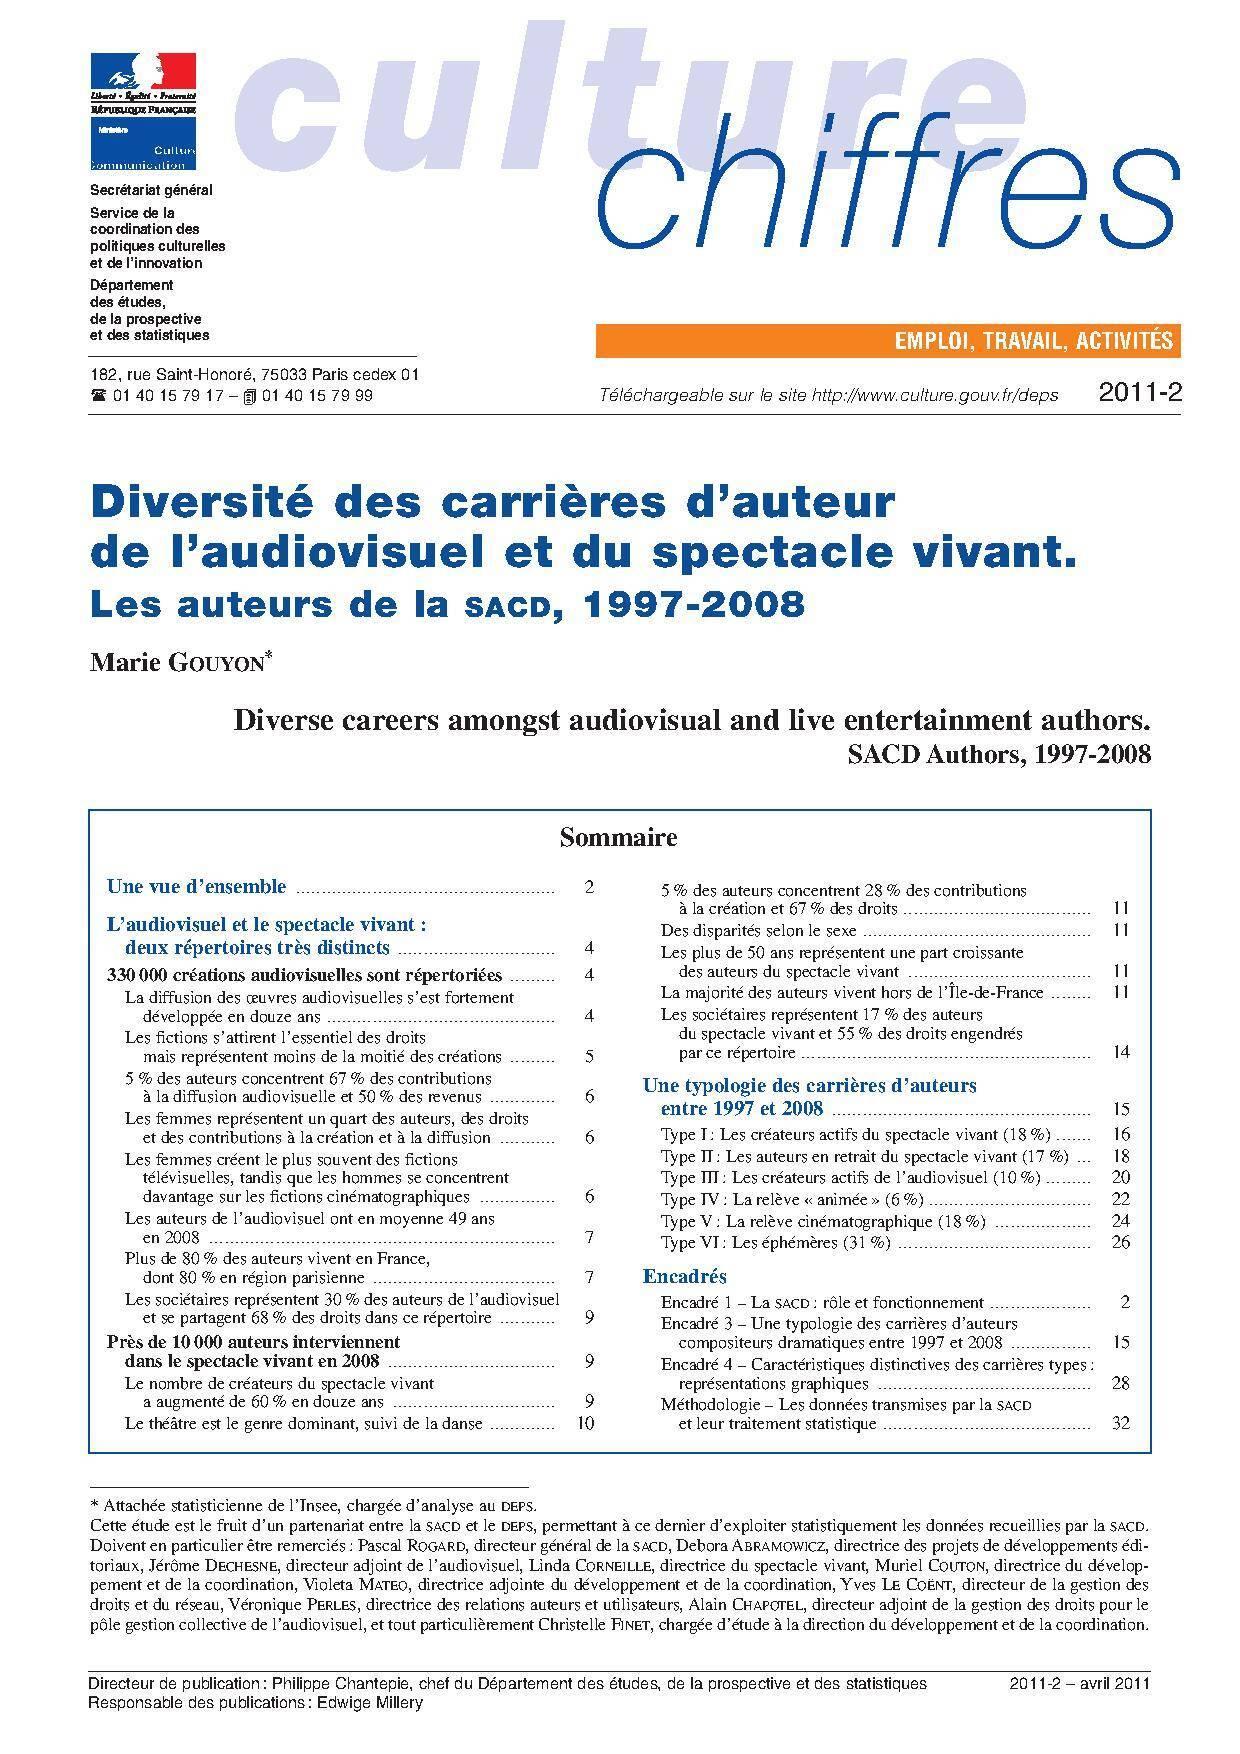 Diversité des carrières d'auteur de l'audiovisuel et du spectacle vivant. Les auteurs de la SACD, 1997-2008